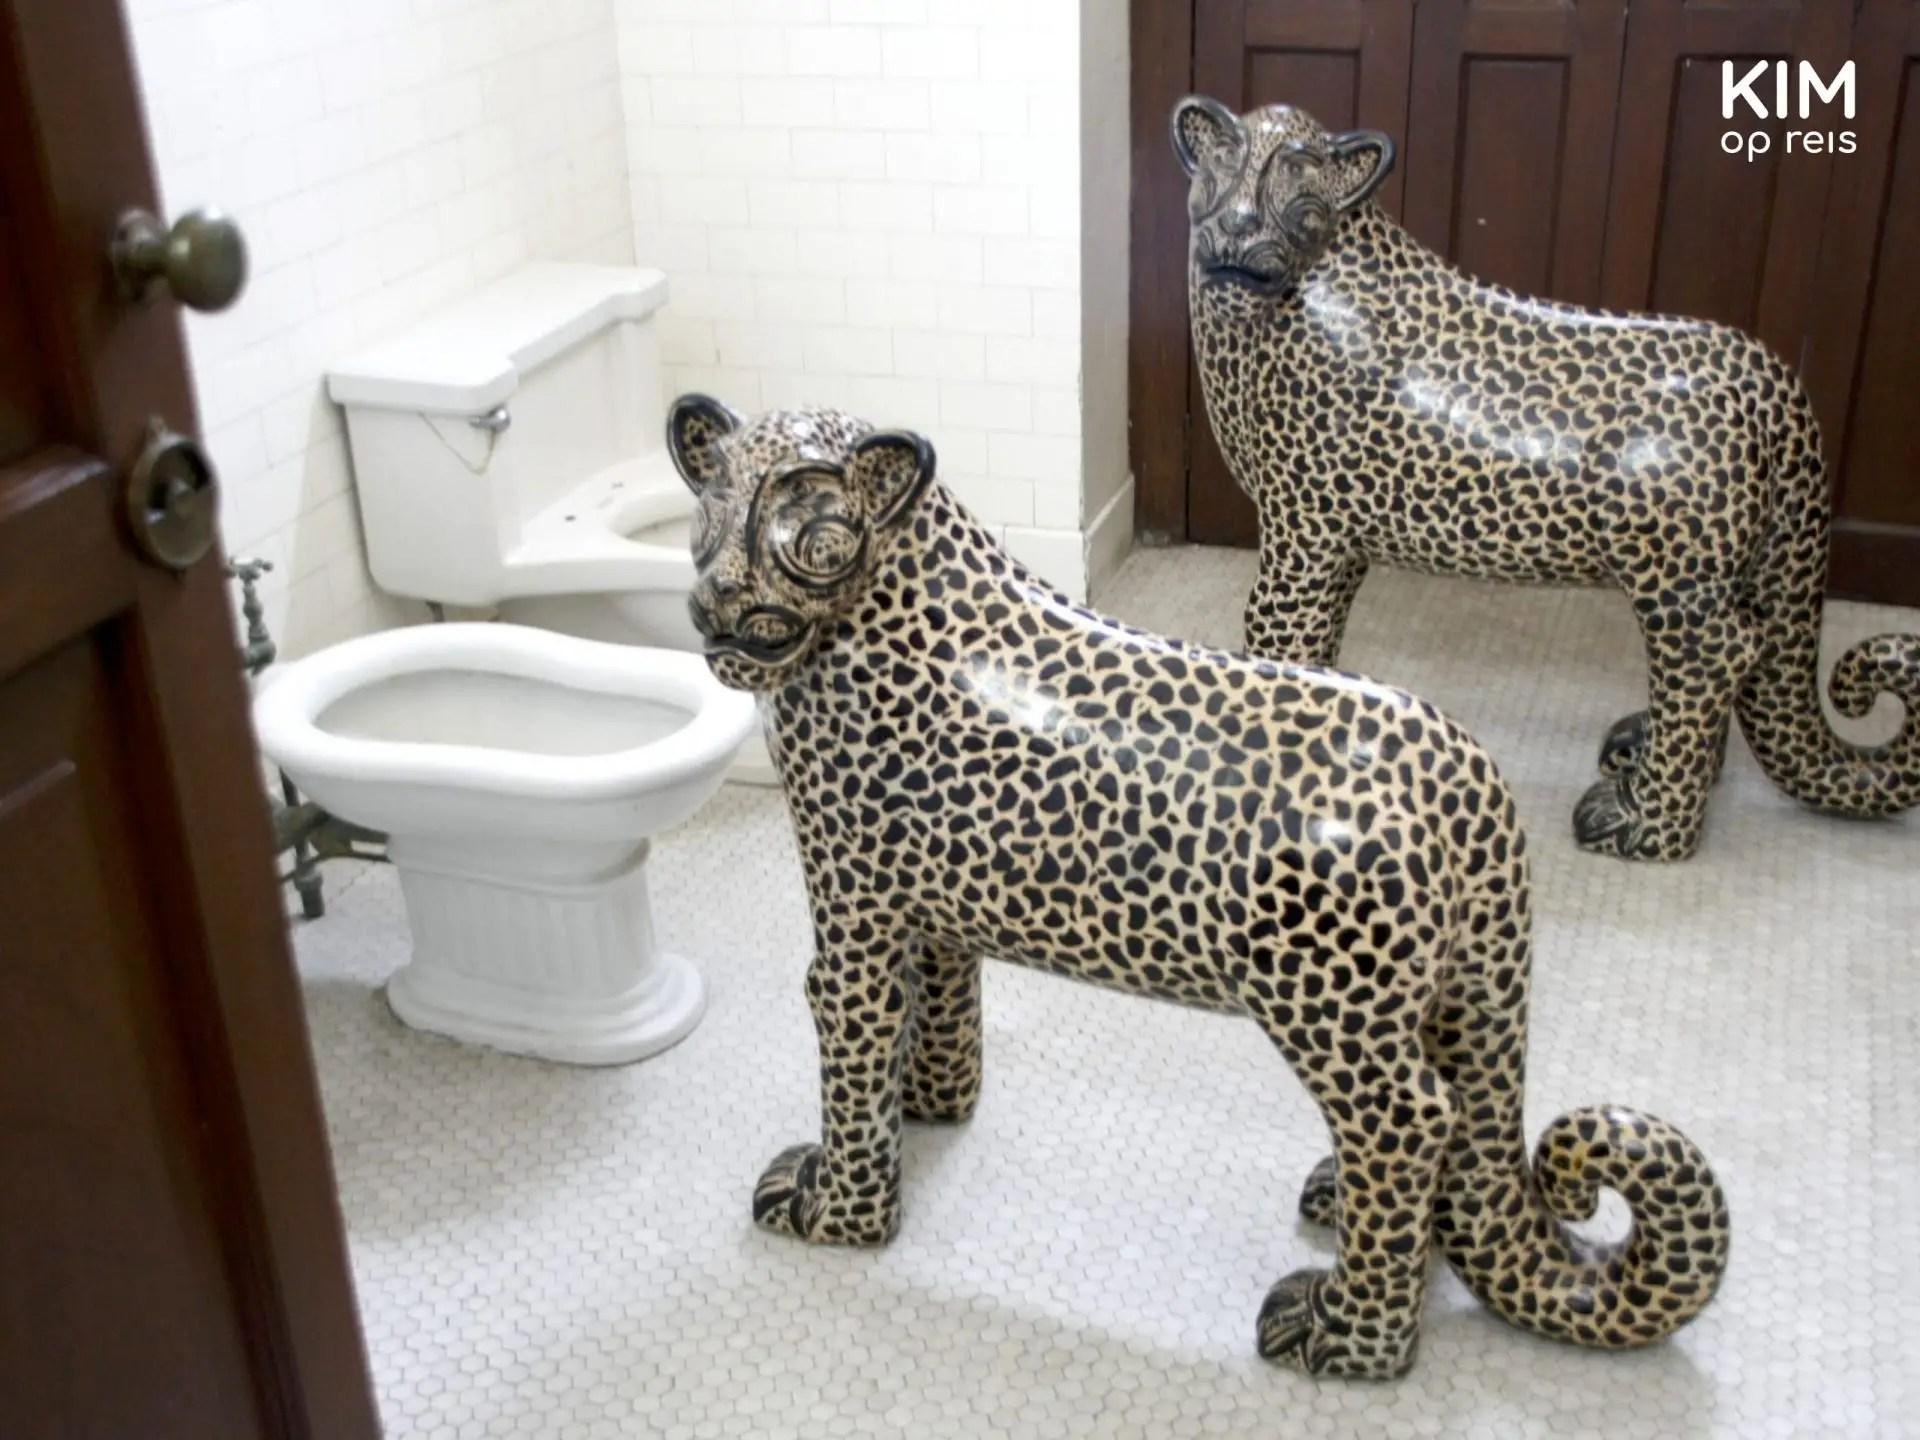 Museo de Arte Popular de Yucatán toiletbezoek: twee neptijgers staan te drinken bij de toiletten